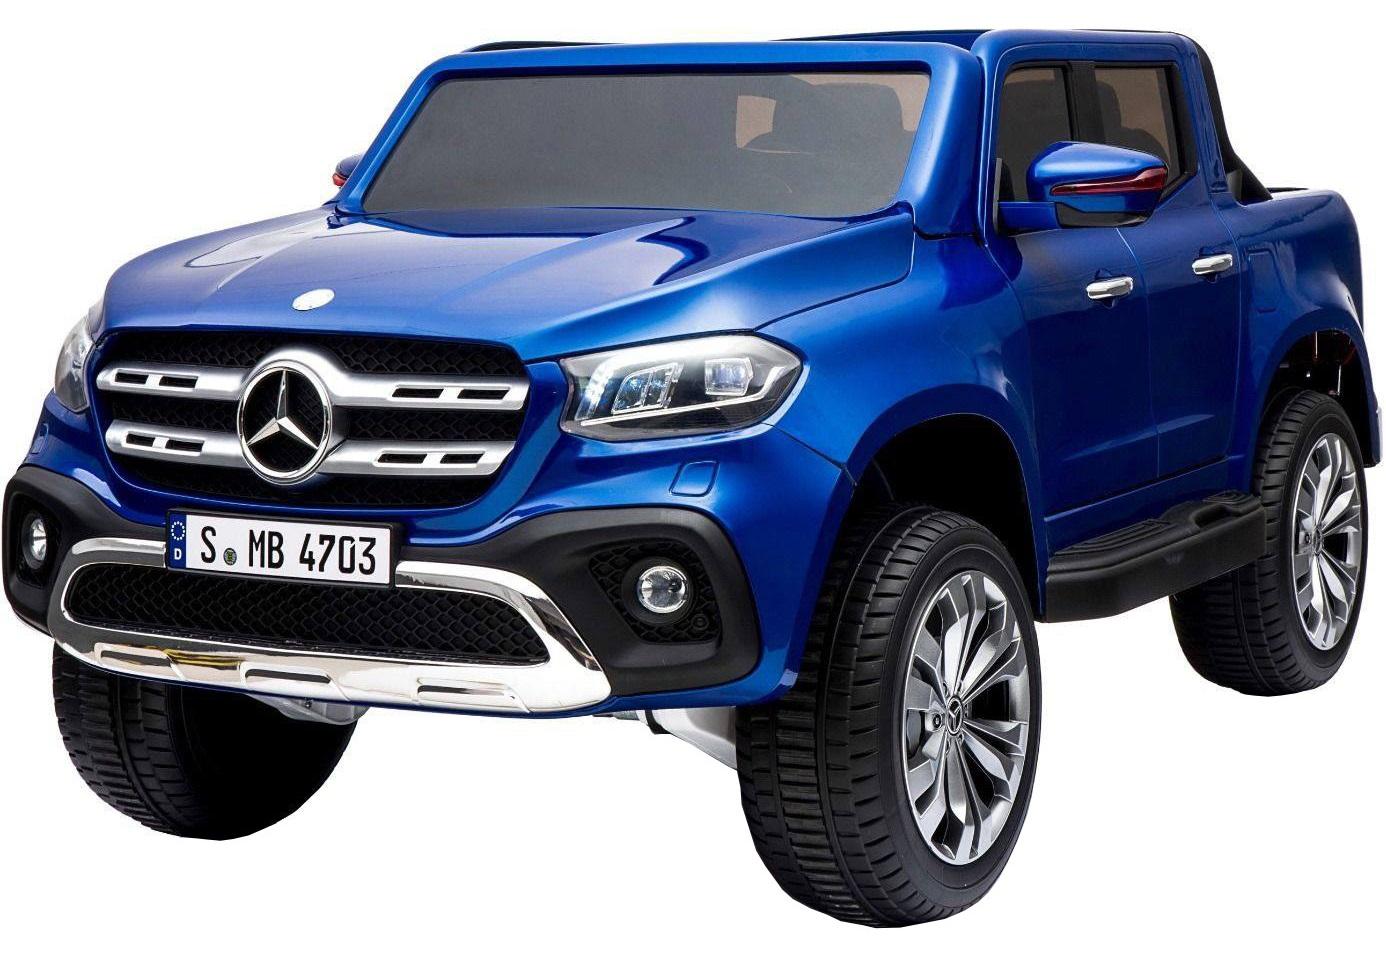 Masinuta electrica 4 x 4 Premier Mercedes X-Class, 12V, MP4, roti cauciuc EVA, scaun piele ecologica, albastru